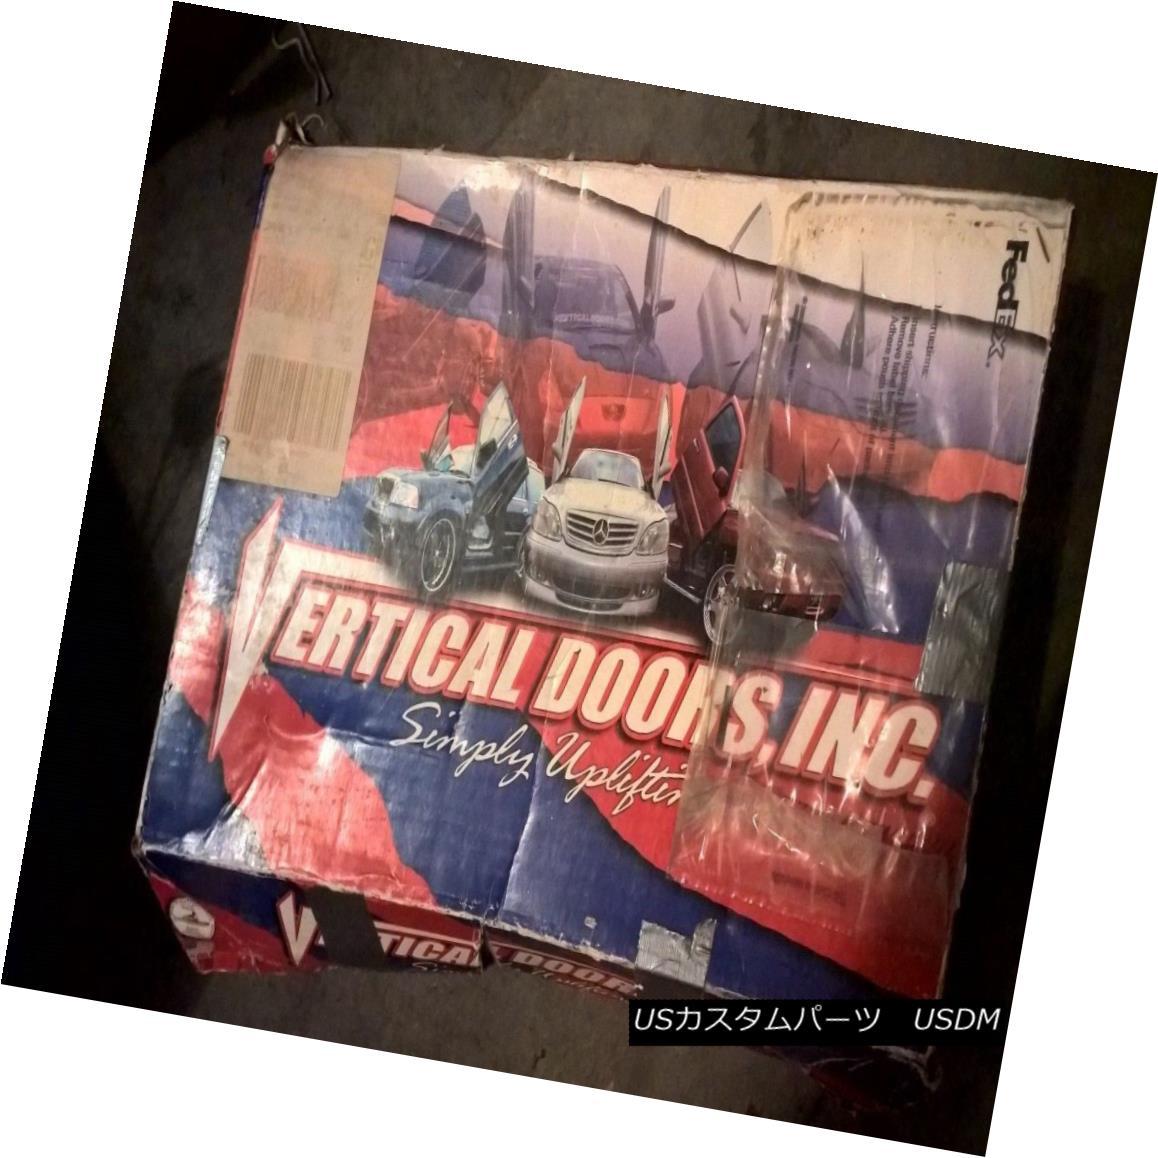 ガルウィングキット 2005 GMC Sierra Vertical Doors, Inc. Vertical Door Package 2005 GMC Sierra垂直ドア、Inc.垂直ドアパッケージ